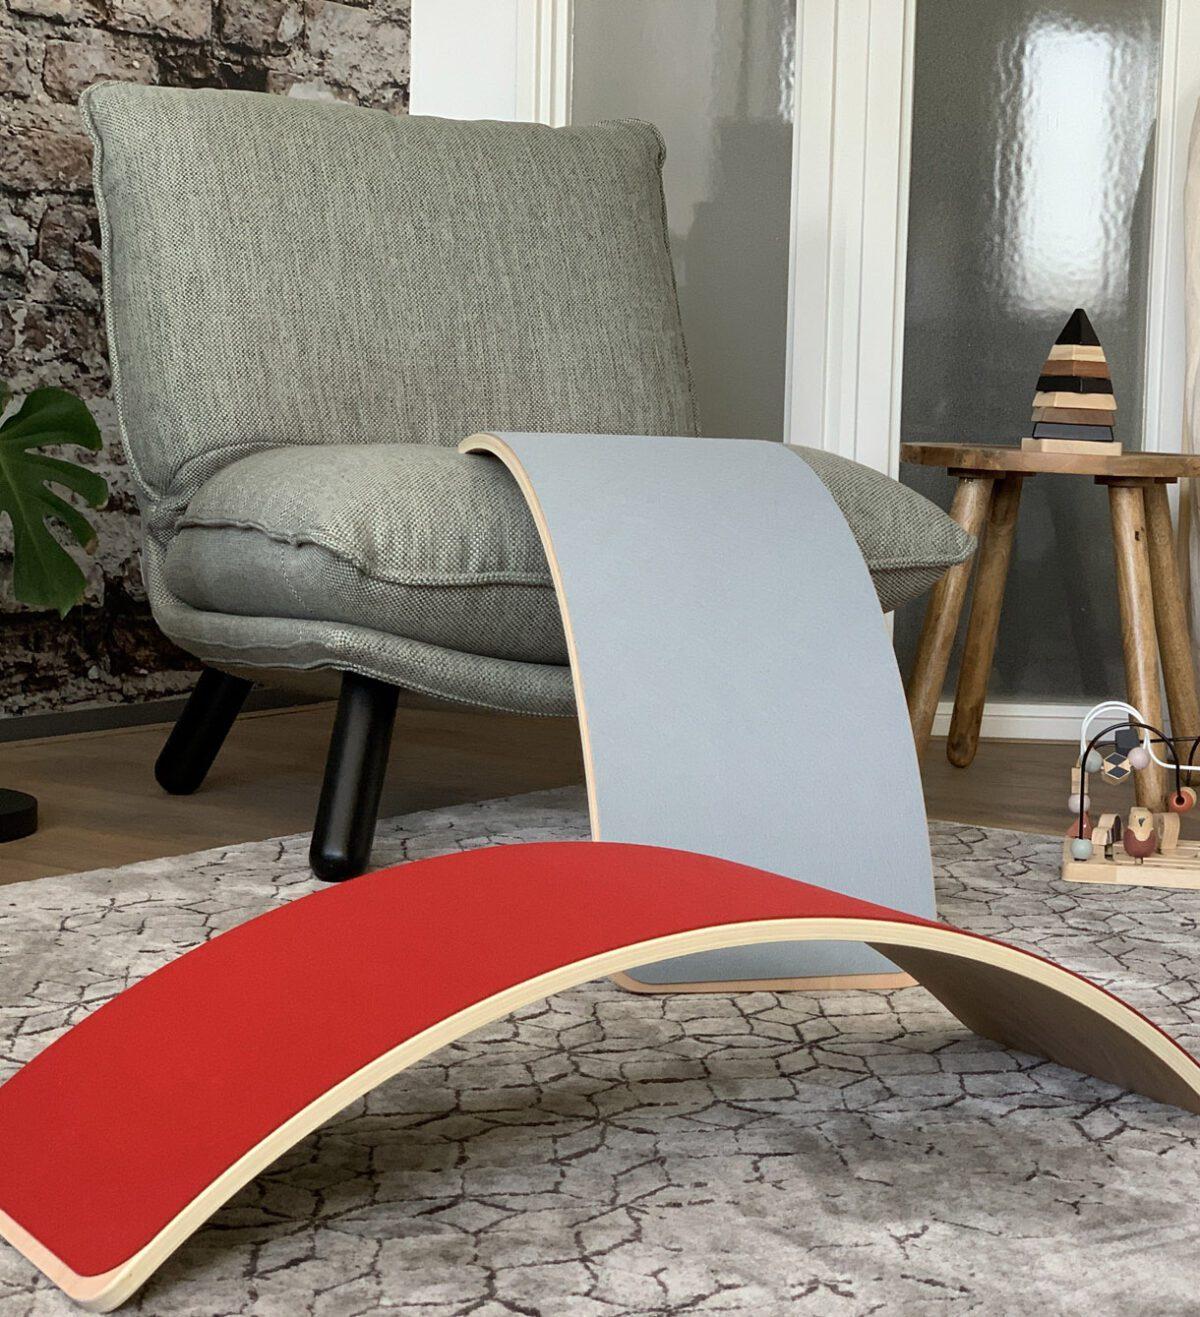 houten balance board Jindl rood grijs